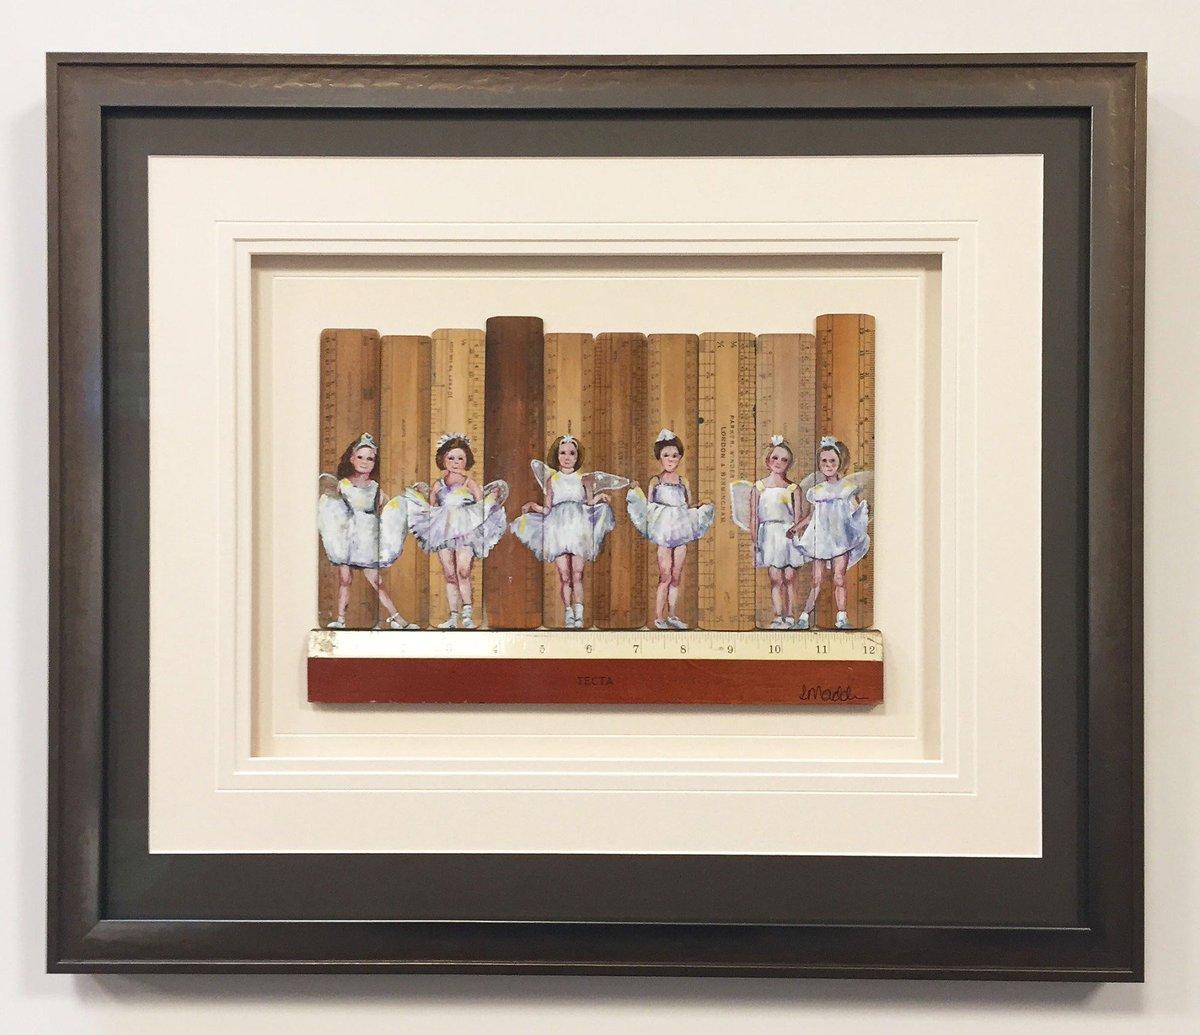 Winging It by Lindsay Madden, £1,150 https://t.co/q2SFcfiiPW #Mottram #Art https://t.co/45ZHvDFkRj